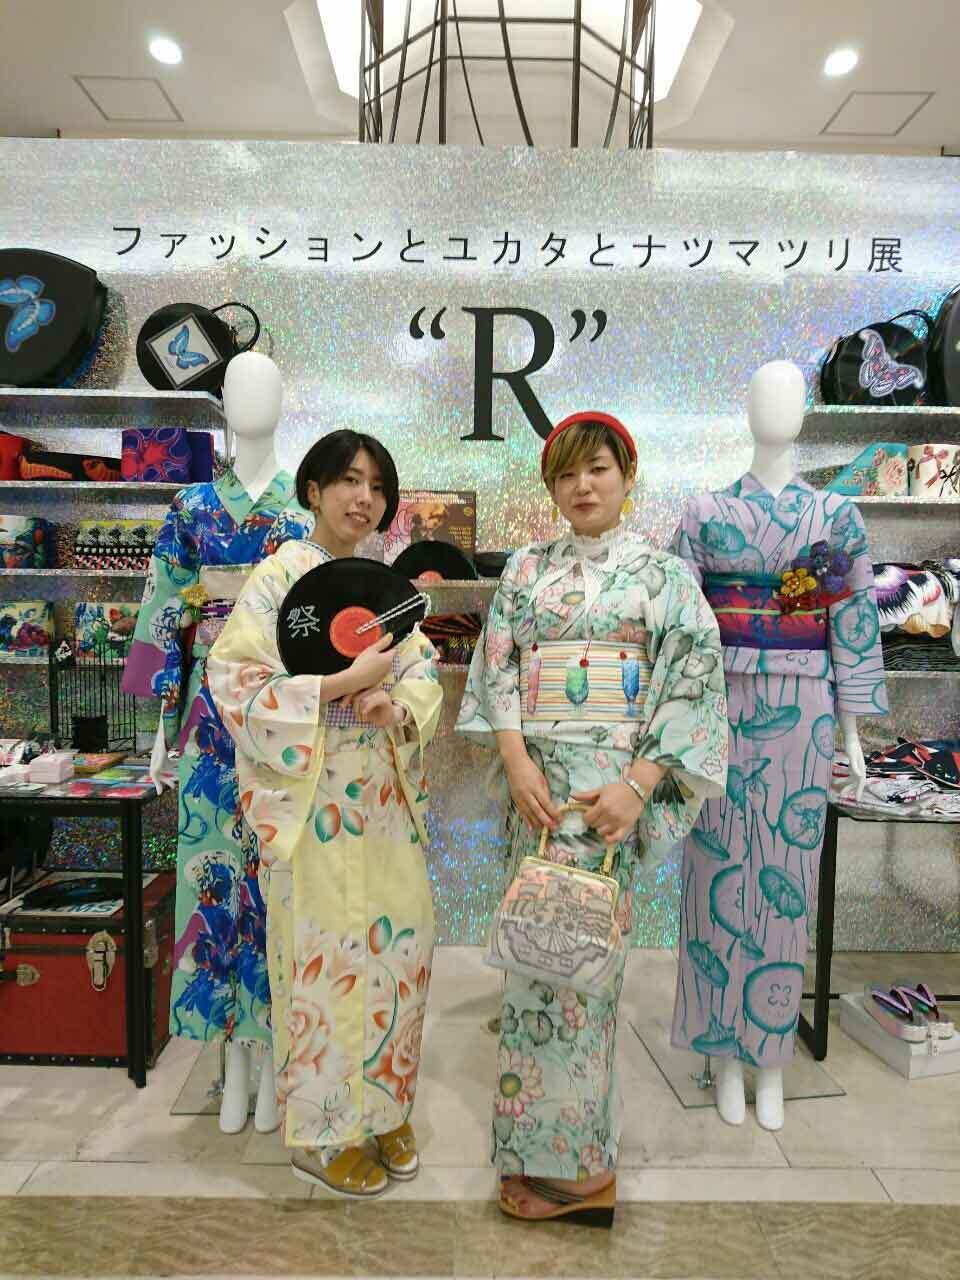 阪急うめだ\ファッションとユカタとナツマツリ展 R/終了致しました♪_e0167832_14123385.jpg